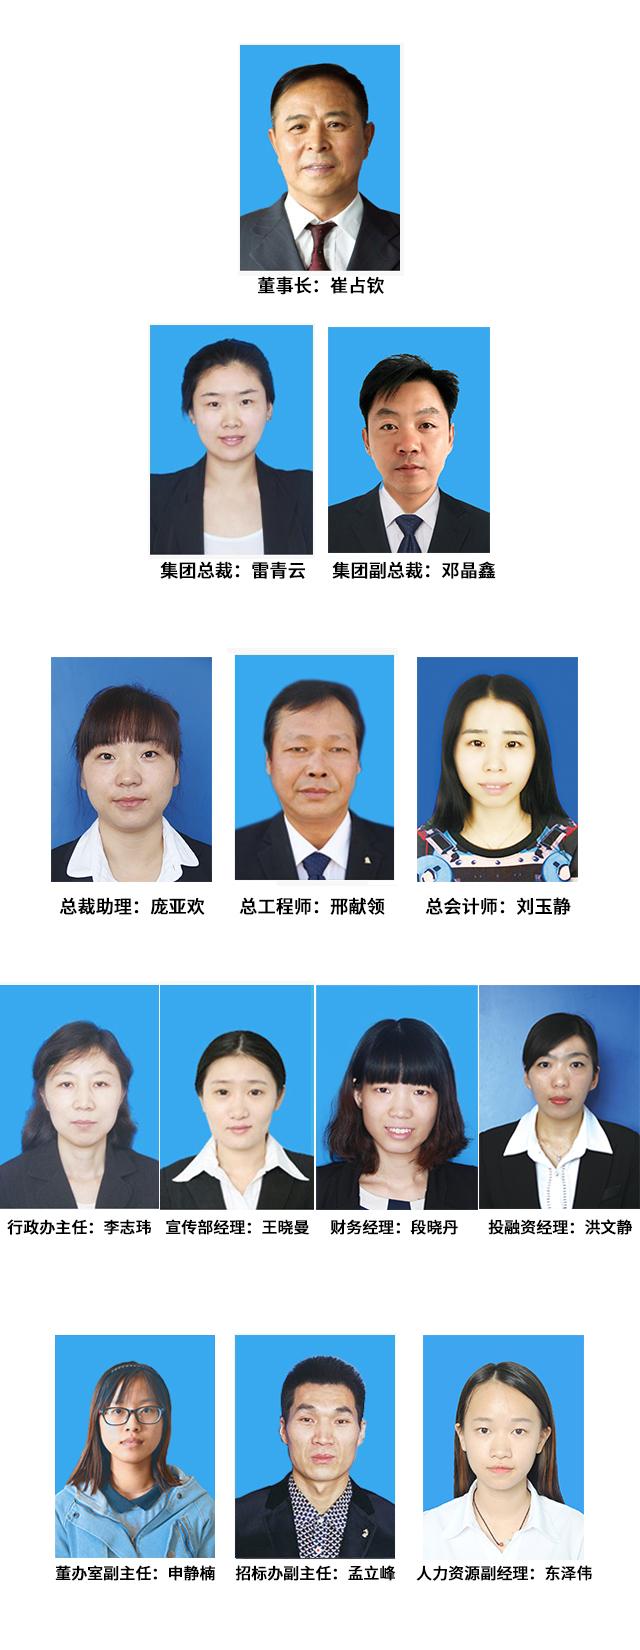 微信图片_20200629173505.jpg